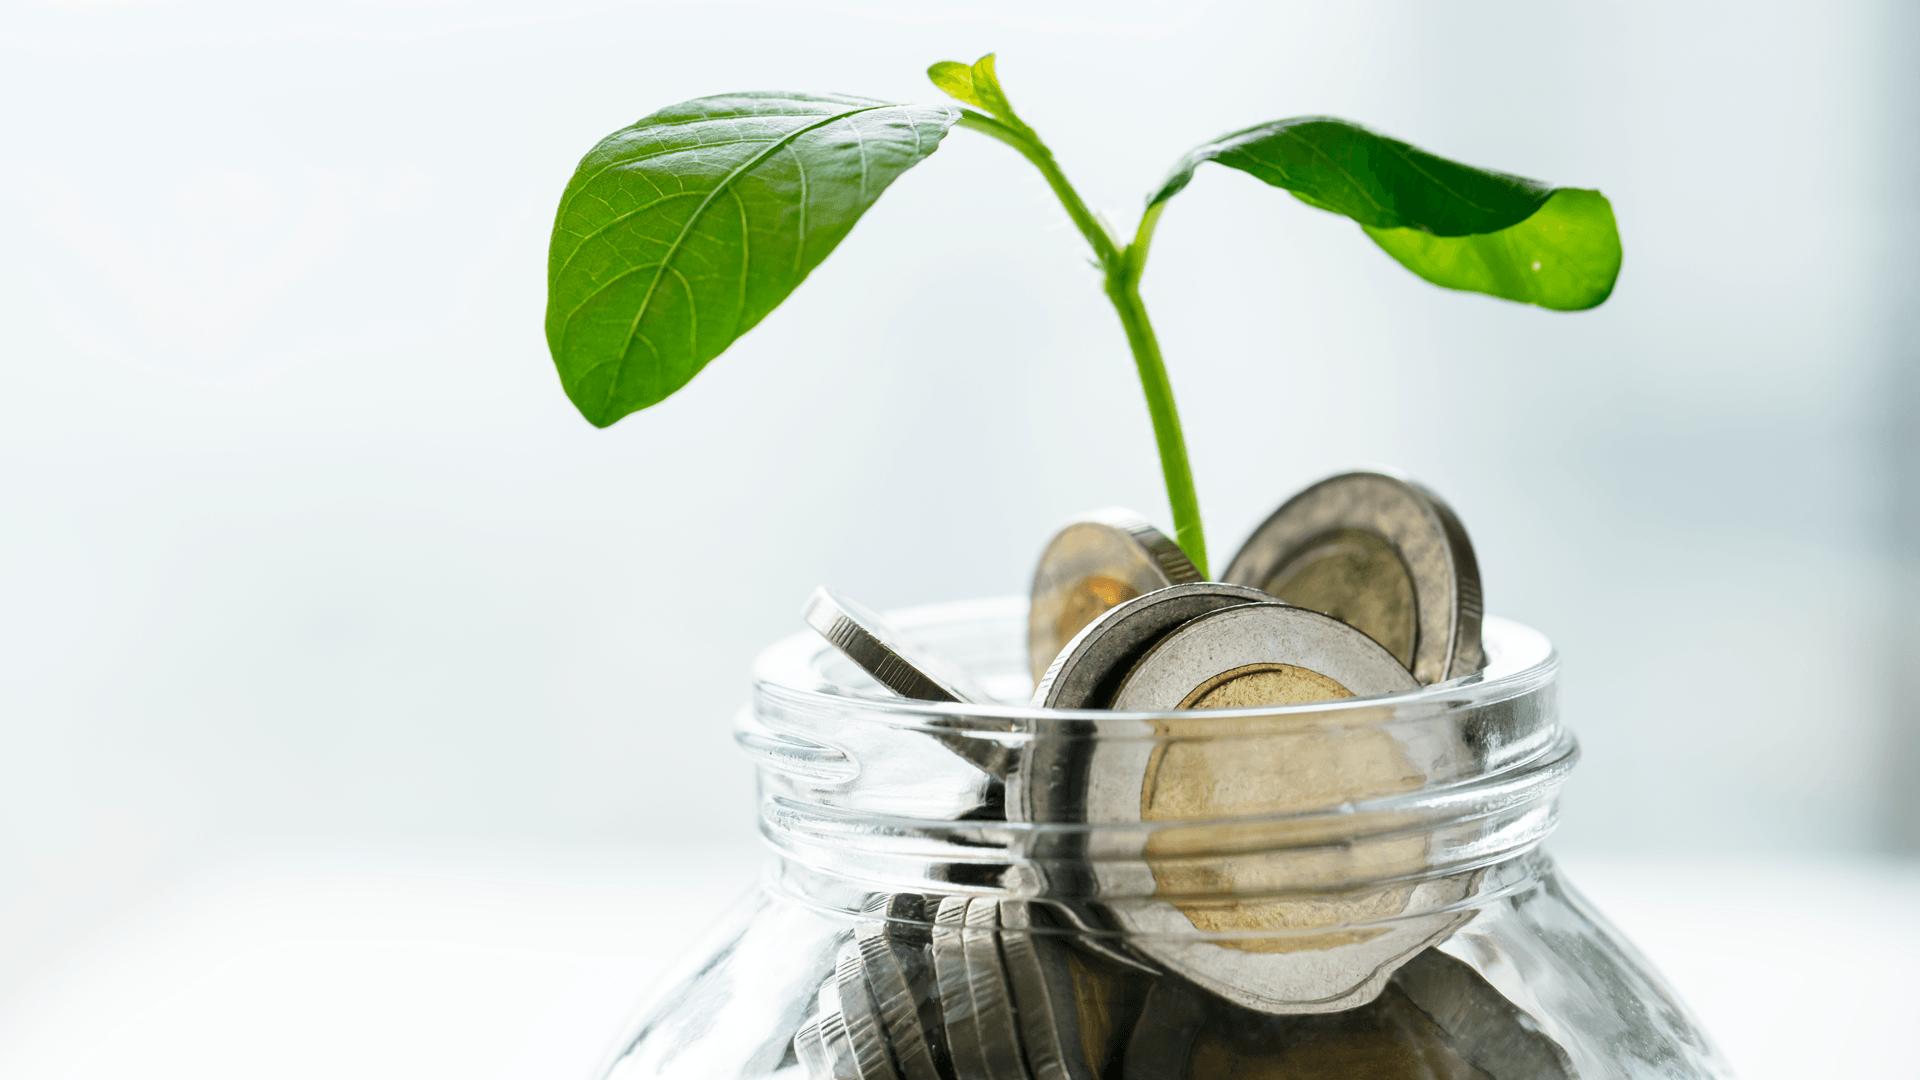 Lý do bạn cần tiết kiệm nhiều hơn thay vì trông vào lương hưu - Ảnh 3